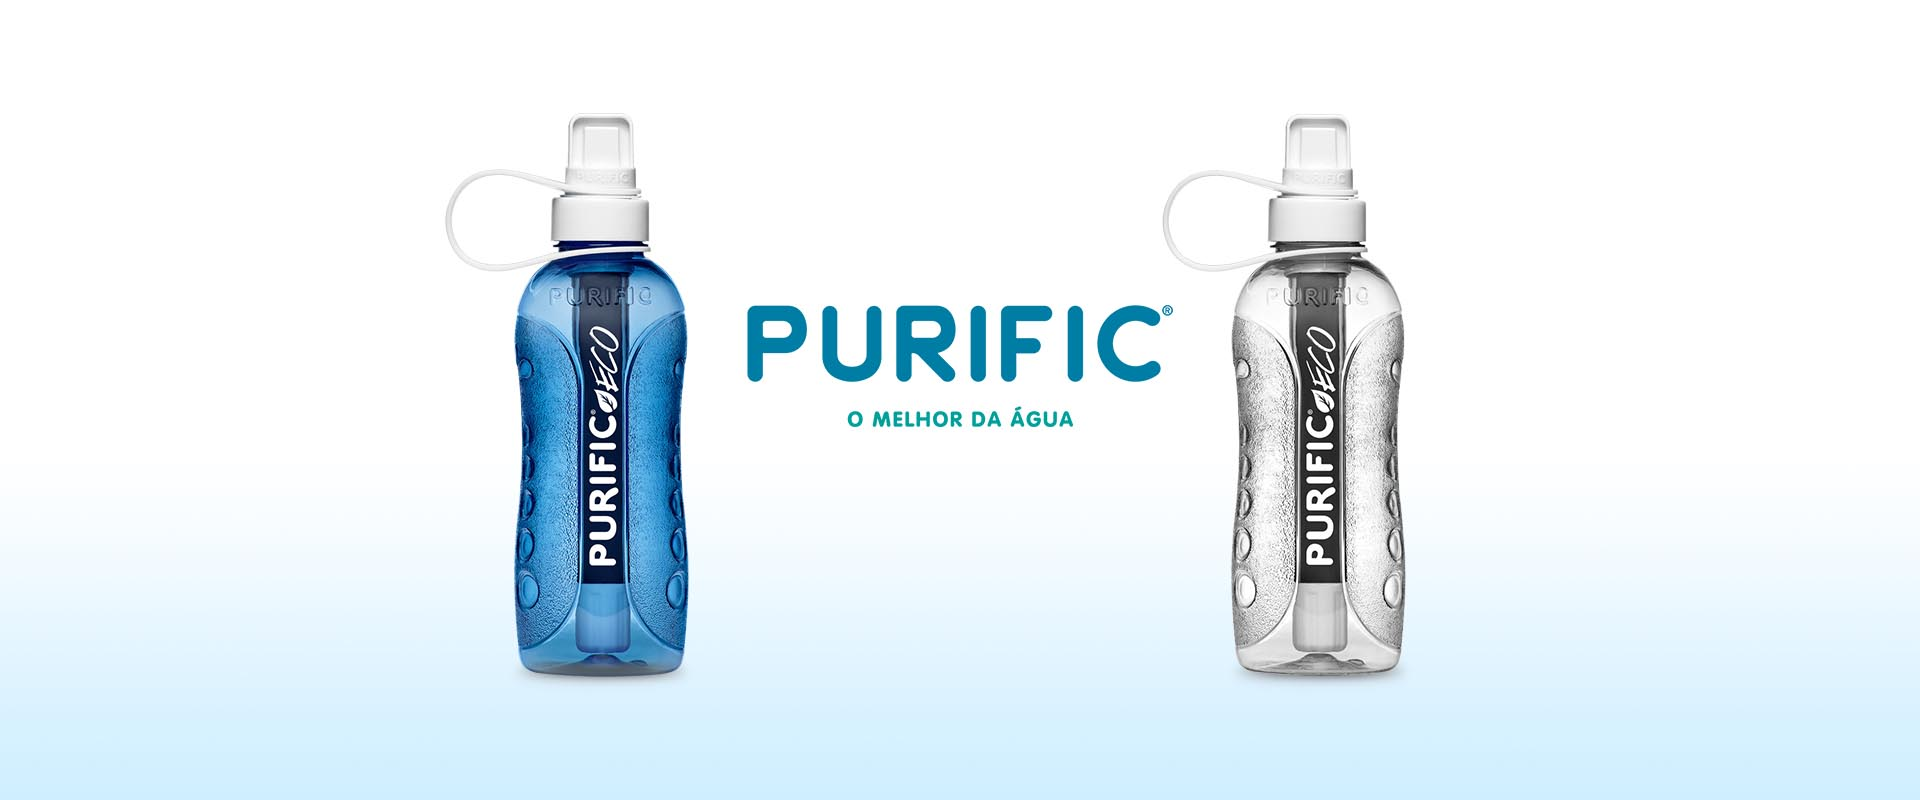 purific-brasil